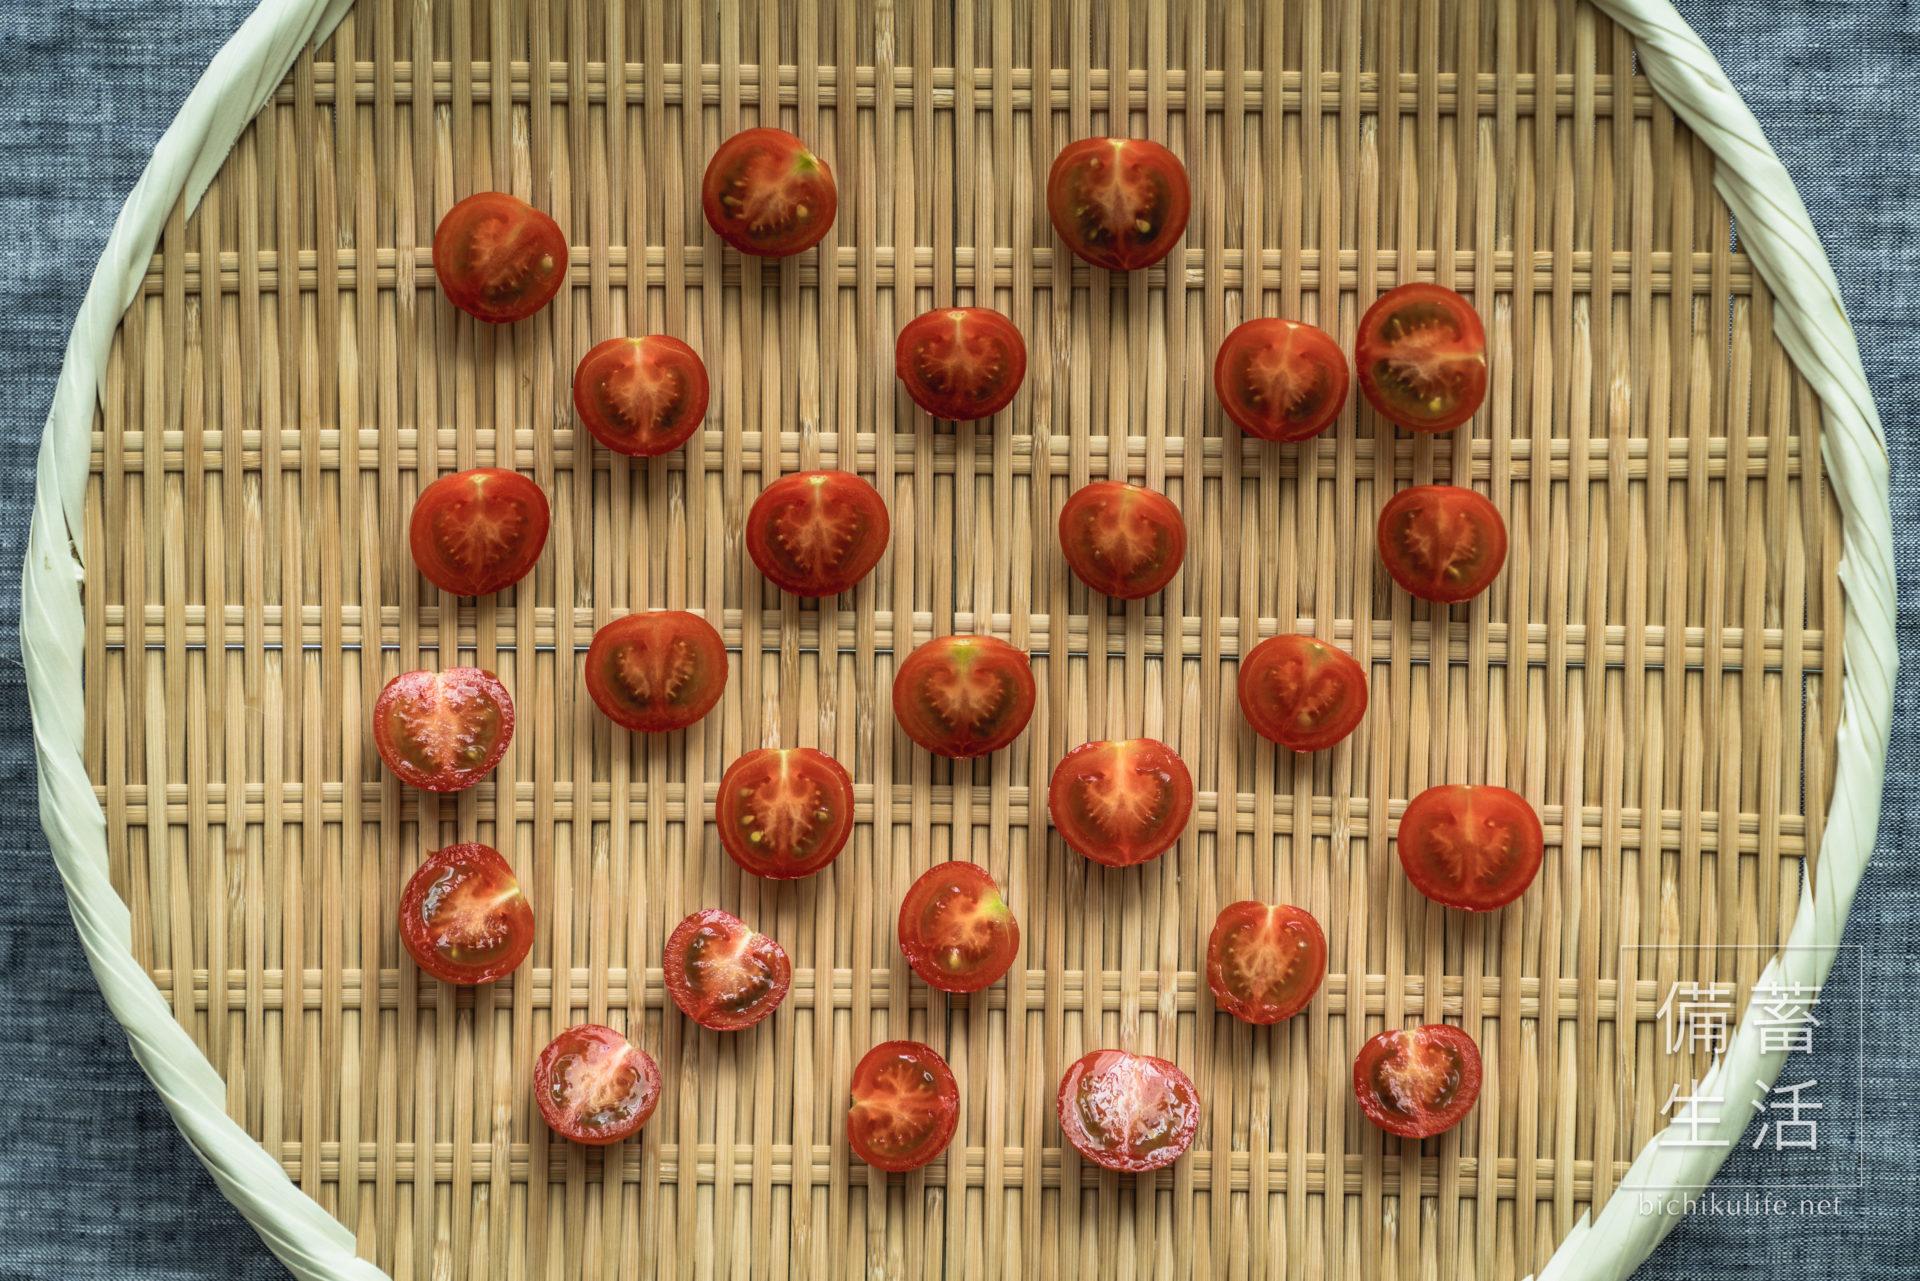 ミニトマト 干し野菜づくり|ドライトマトの作り方